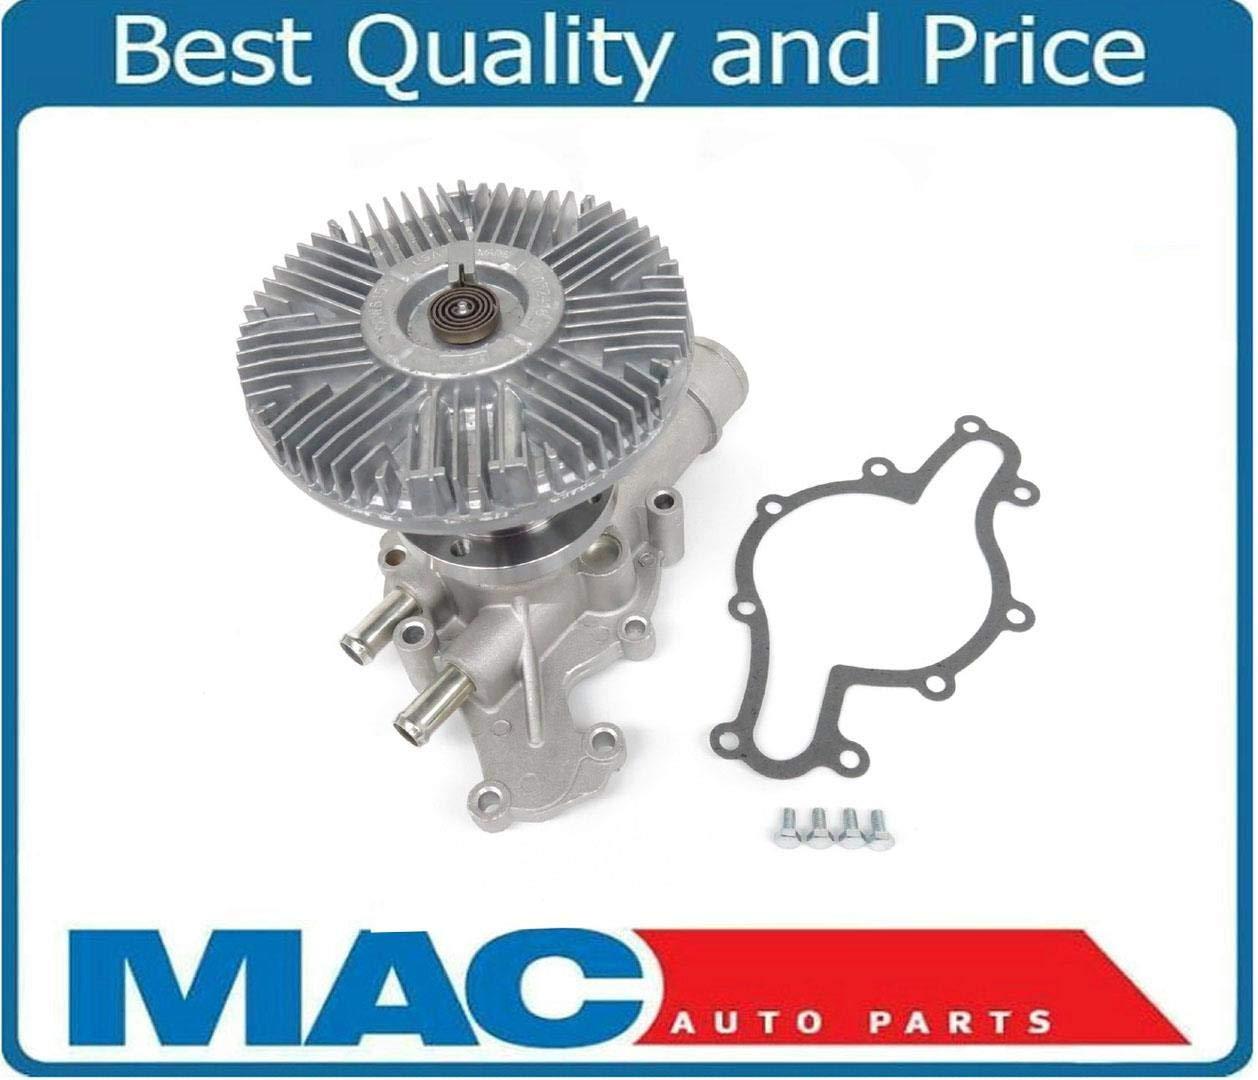 Mac de auto partes 144007 nos Motor funciona nuevo ventilador de bomba de agua y embrague V8 5.0L: Amazon.es: Coche y moto